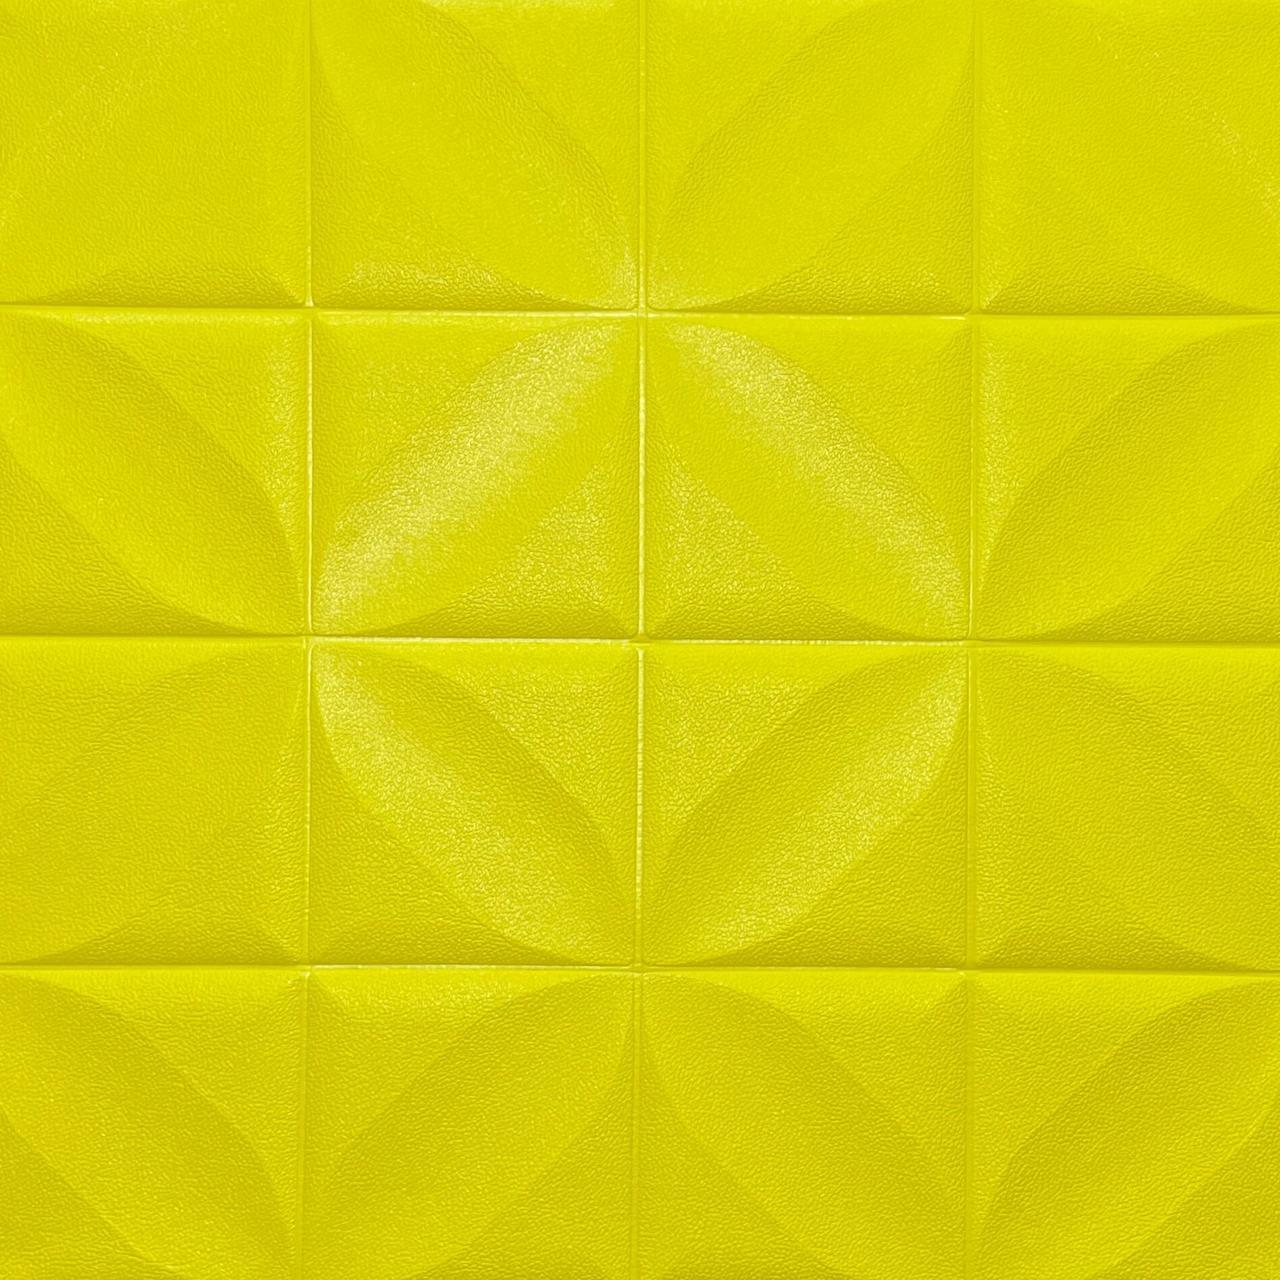 Самоклеюча декоративна потолочно-стінова 3D панель 700х700х8мм (199)